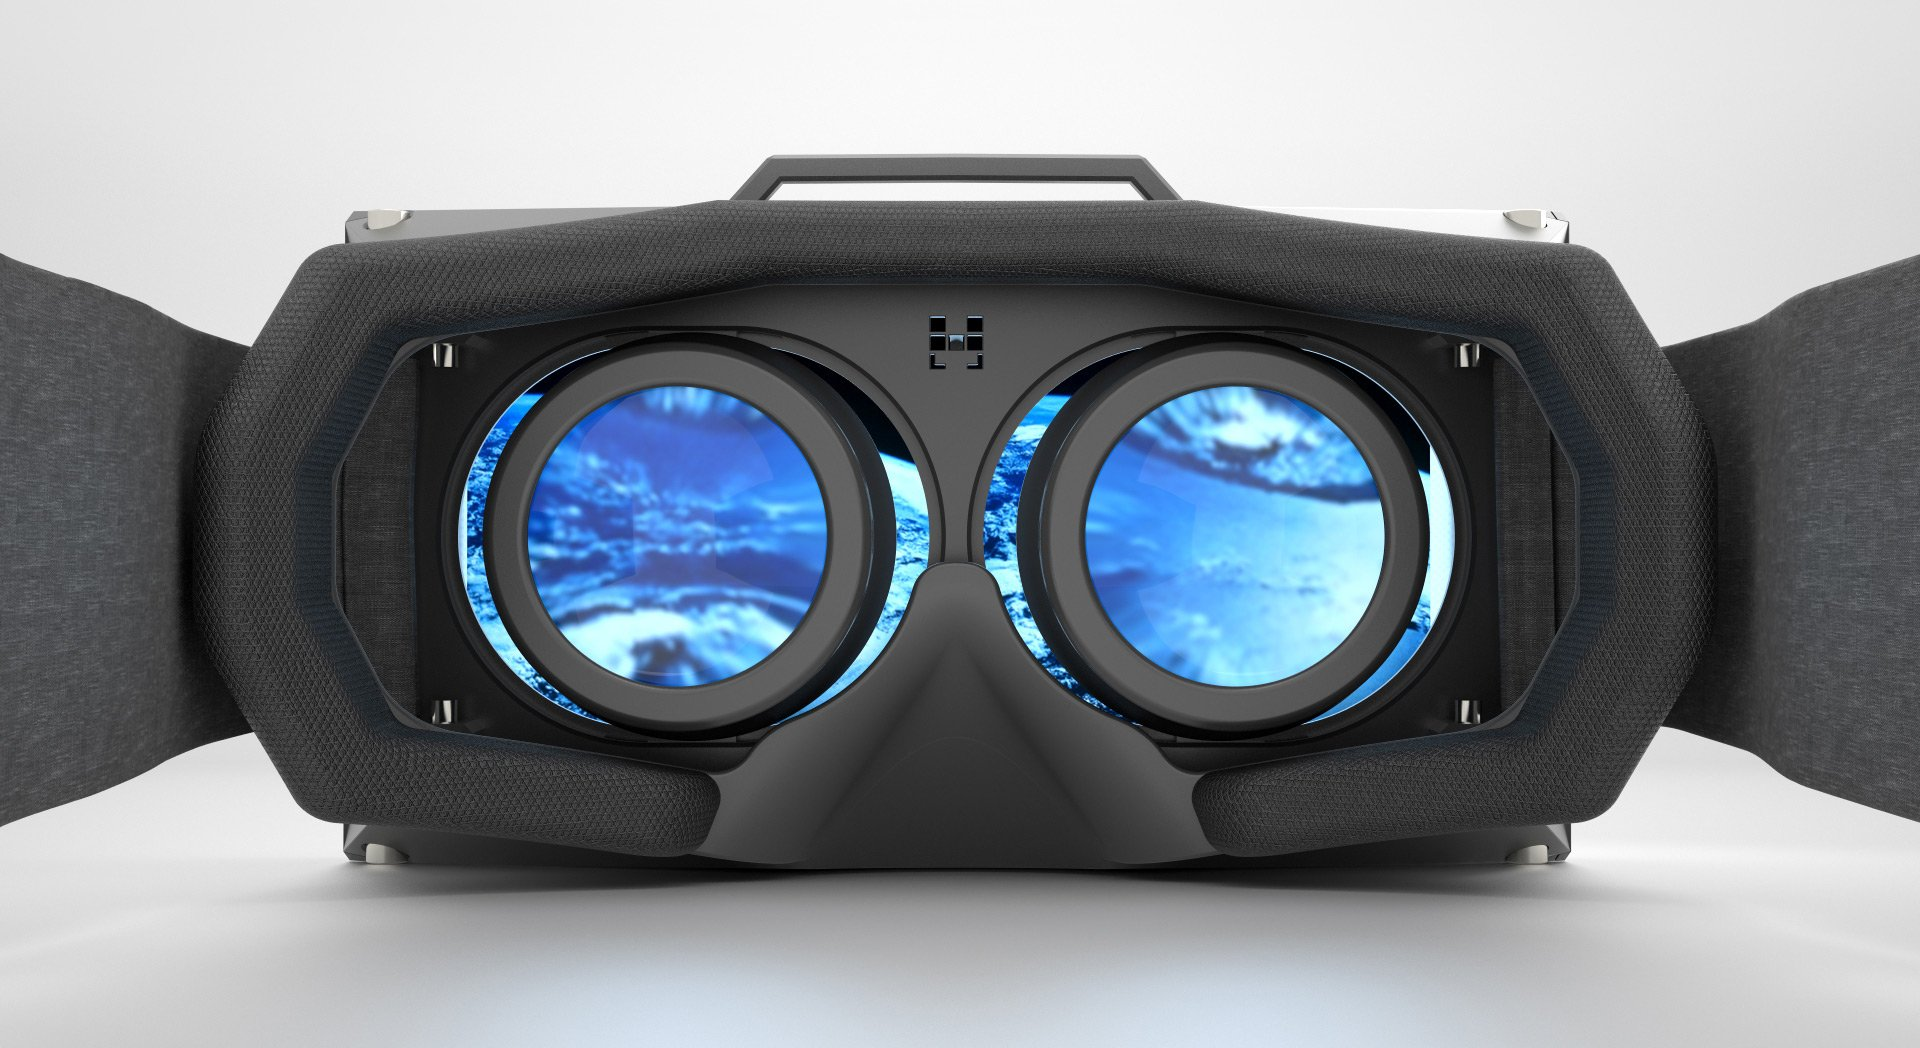 Oculus Rift будет стоить $200-$400. - Изображение 1